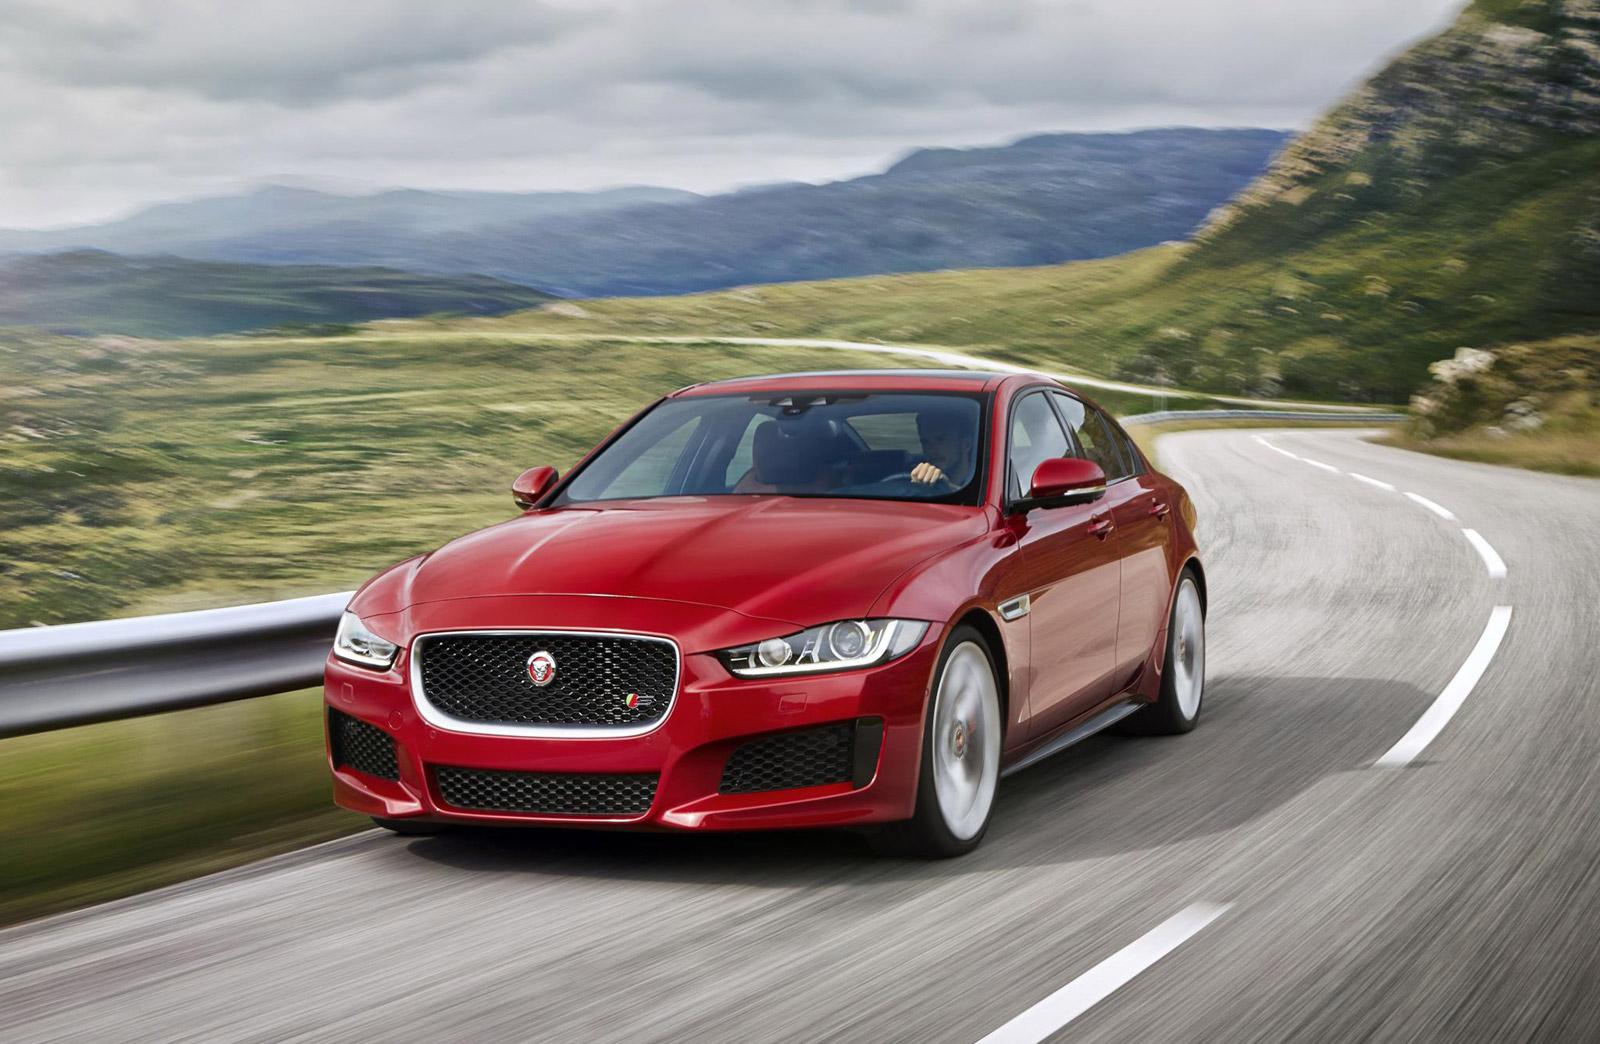 2022 All Jaguar Xe Sedan - Cars Review : Cars Review